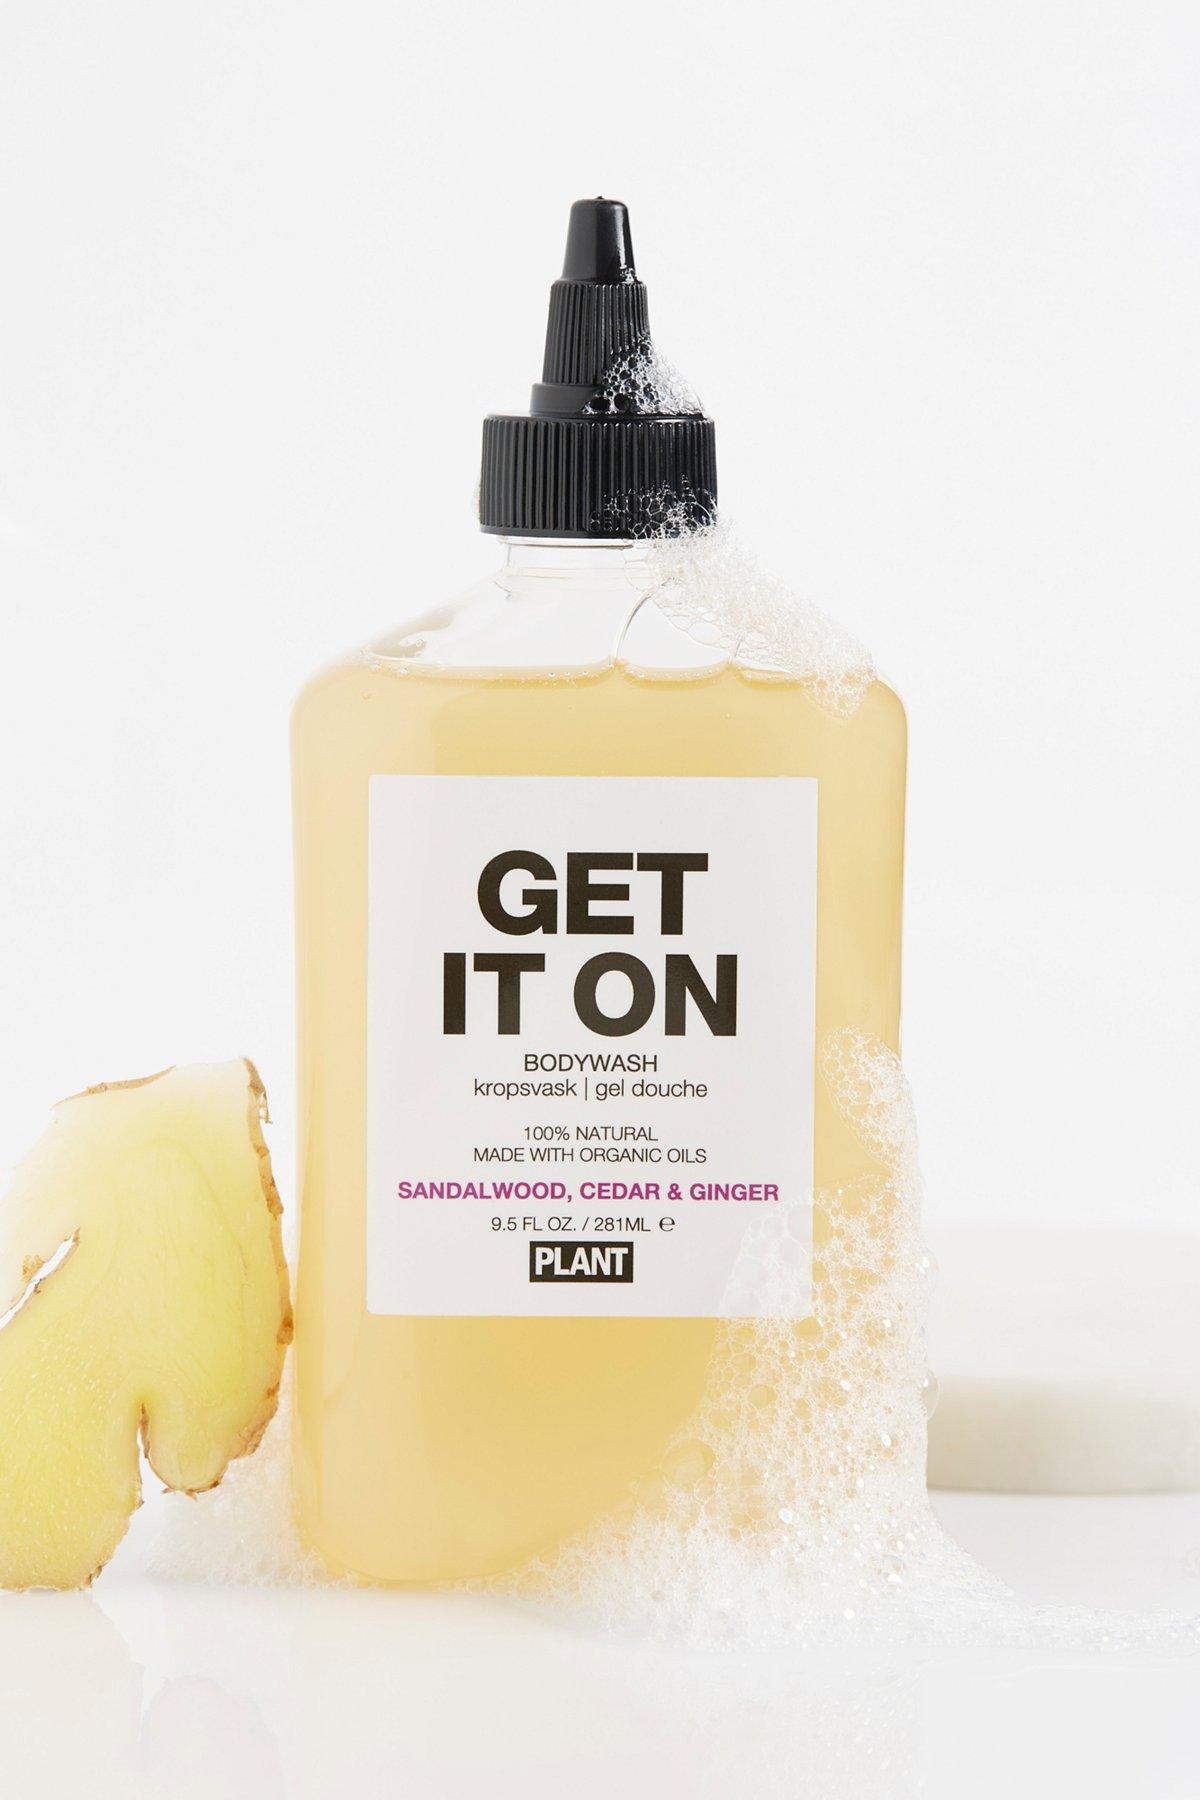 Get It On Organic Body Wash